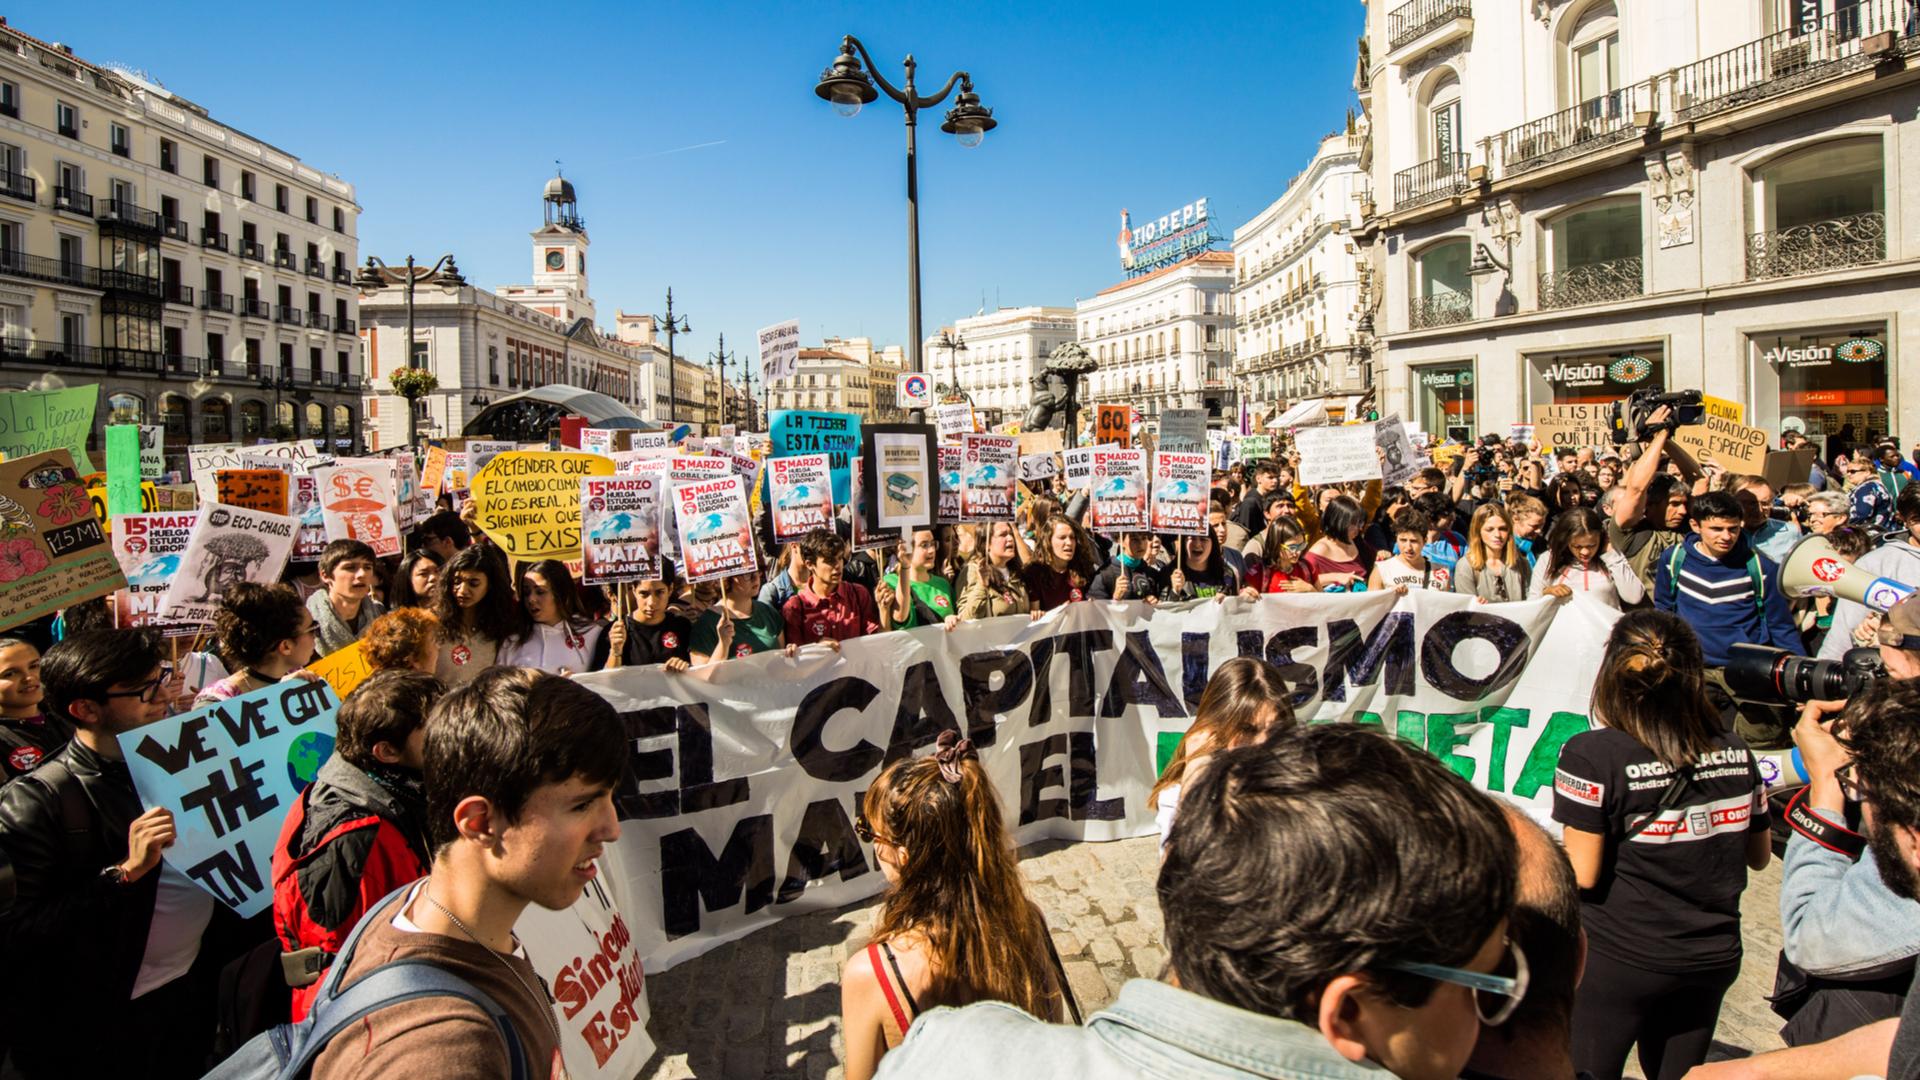 15M: huelga de estudiantes contra el cambio climático en la Puerta del Sol, Madrid